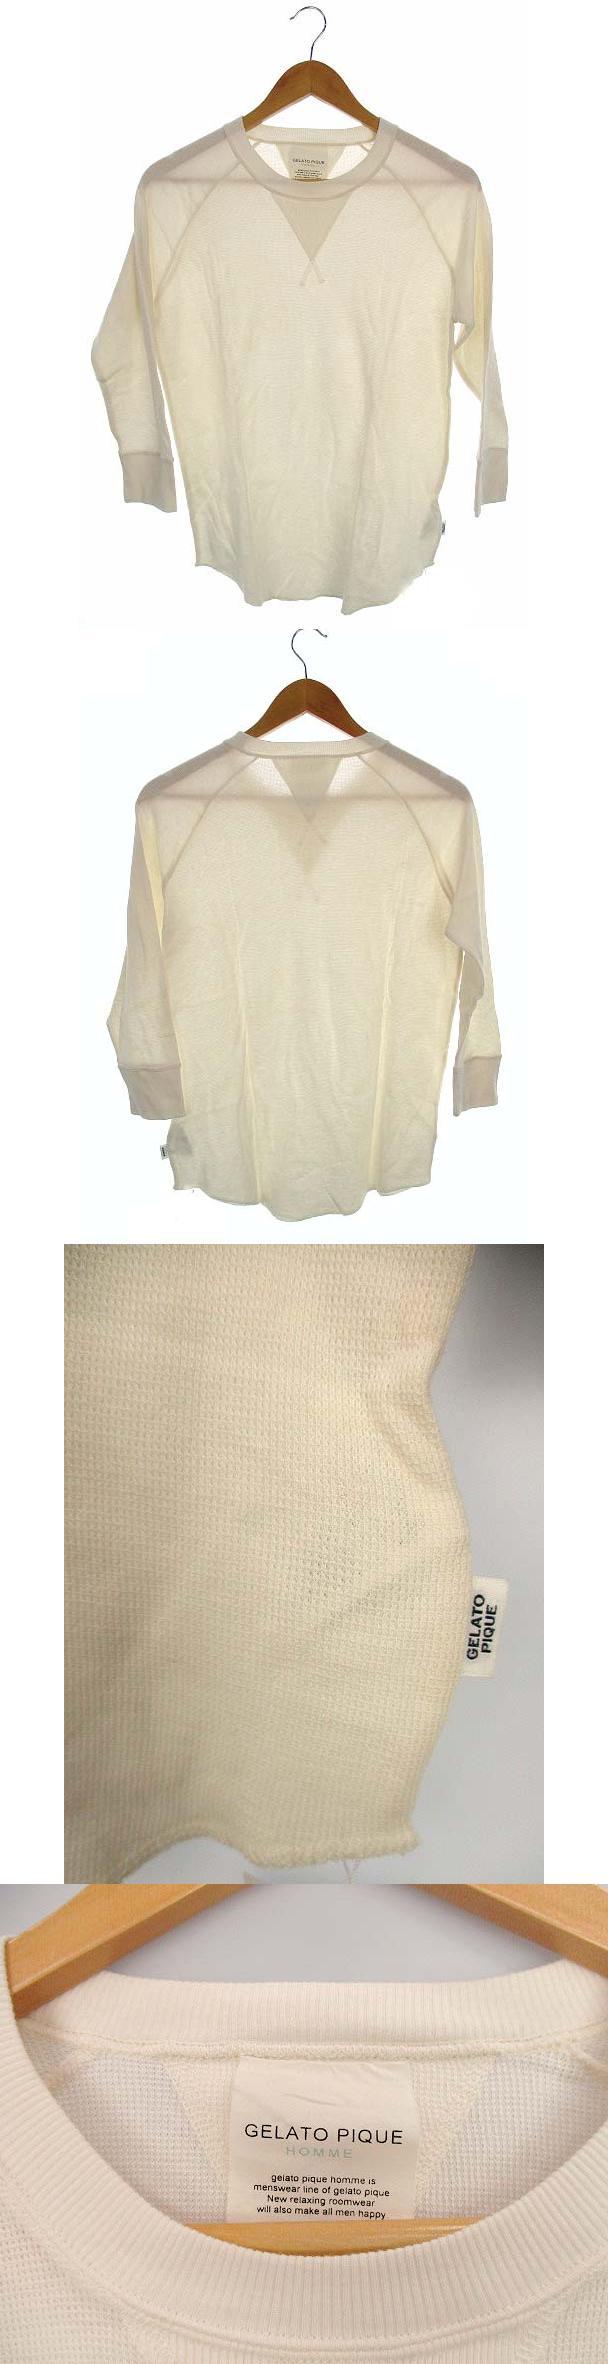 ルームウェア パジャマ トップス コットン Tシャツ ロンT カットソー ワッフル サーマル 薄手 長袖 アイボリー 白 M タグ付